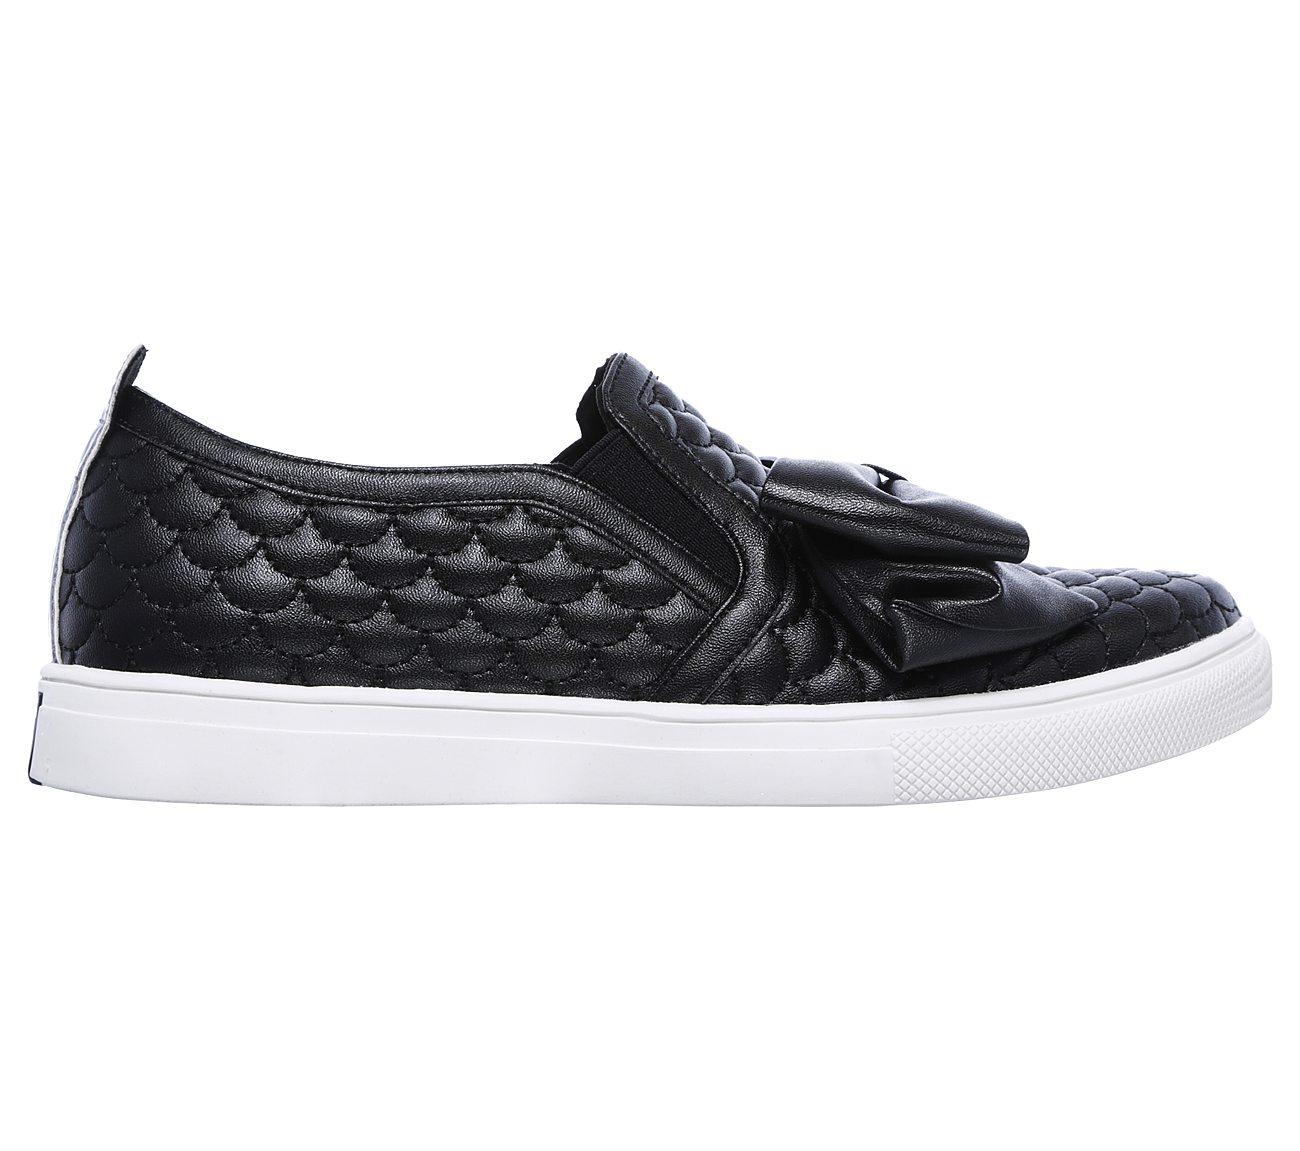 336842a89283 Buy SKECHERS Moda - Lady Like SKECHER Street Shoes only  35.00